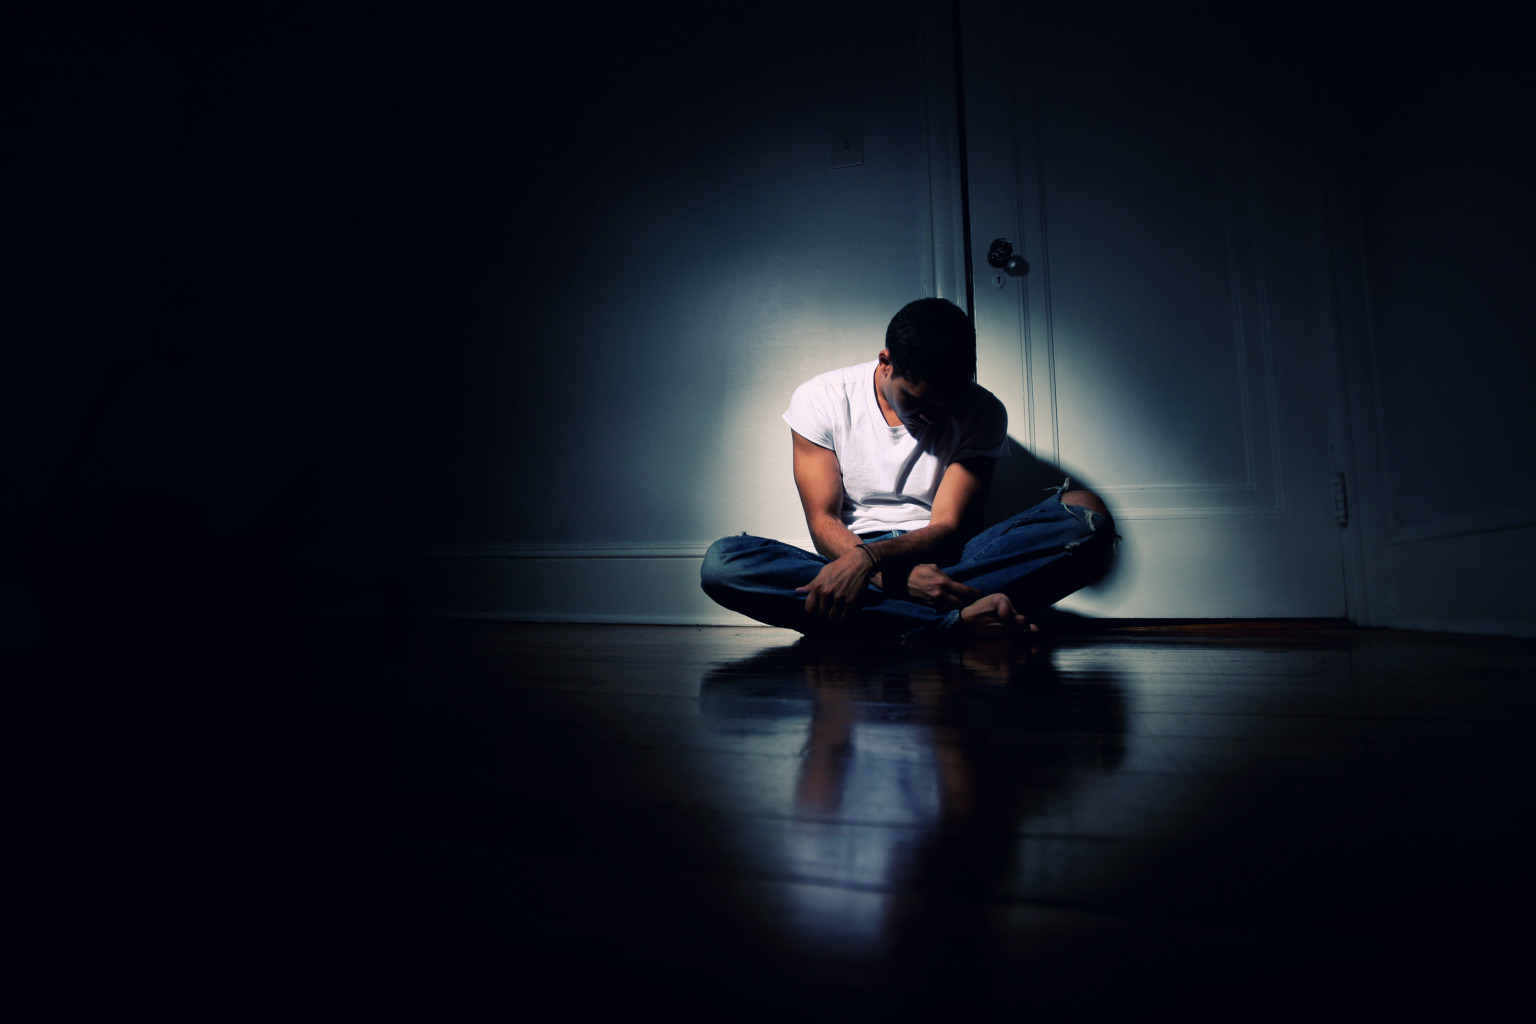 بالصور صور عن الاكتئاب , الاكتئاب وتاثيره السلبى 1448 5